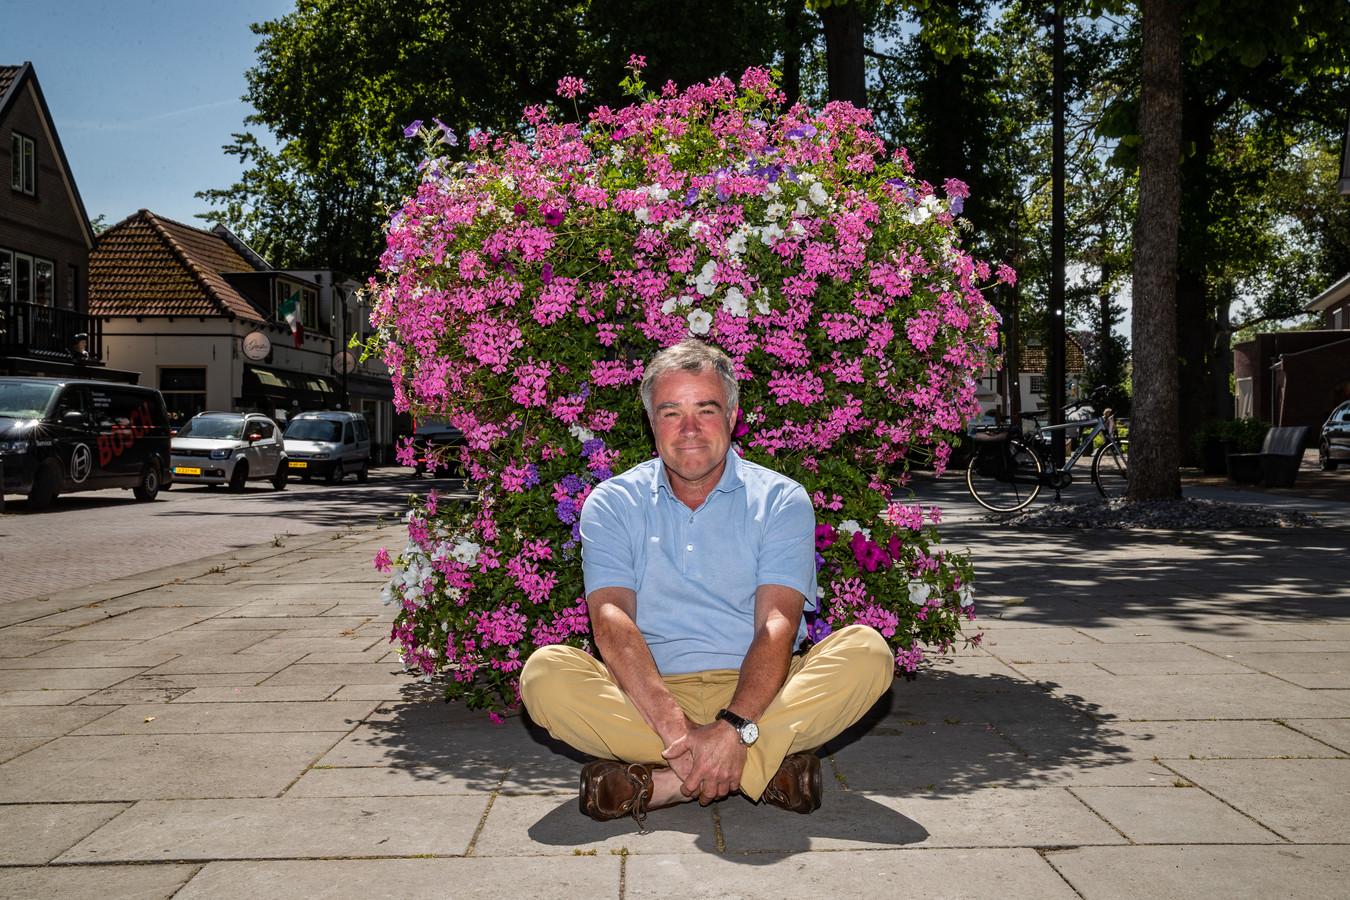 Otto van Harmelen voor één van de bloembakken die al jaren in het centrum van Gorssel staan. Als het aan de Dorpsraad Gorssel ligt, komen er door heel Gorssel heen nog veel meer van die bakken.